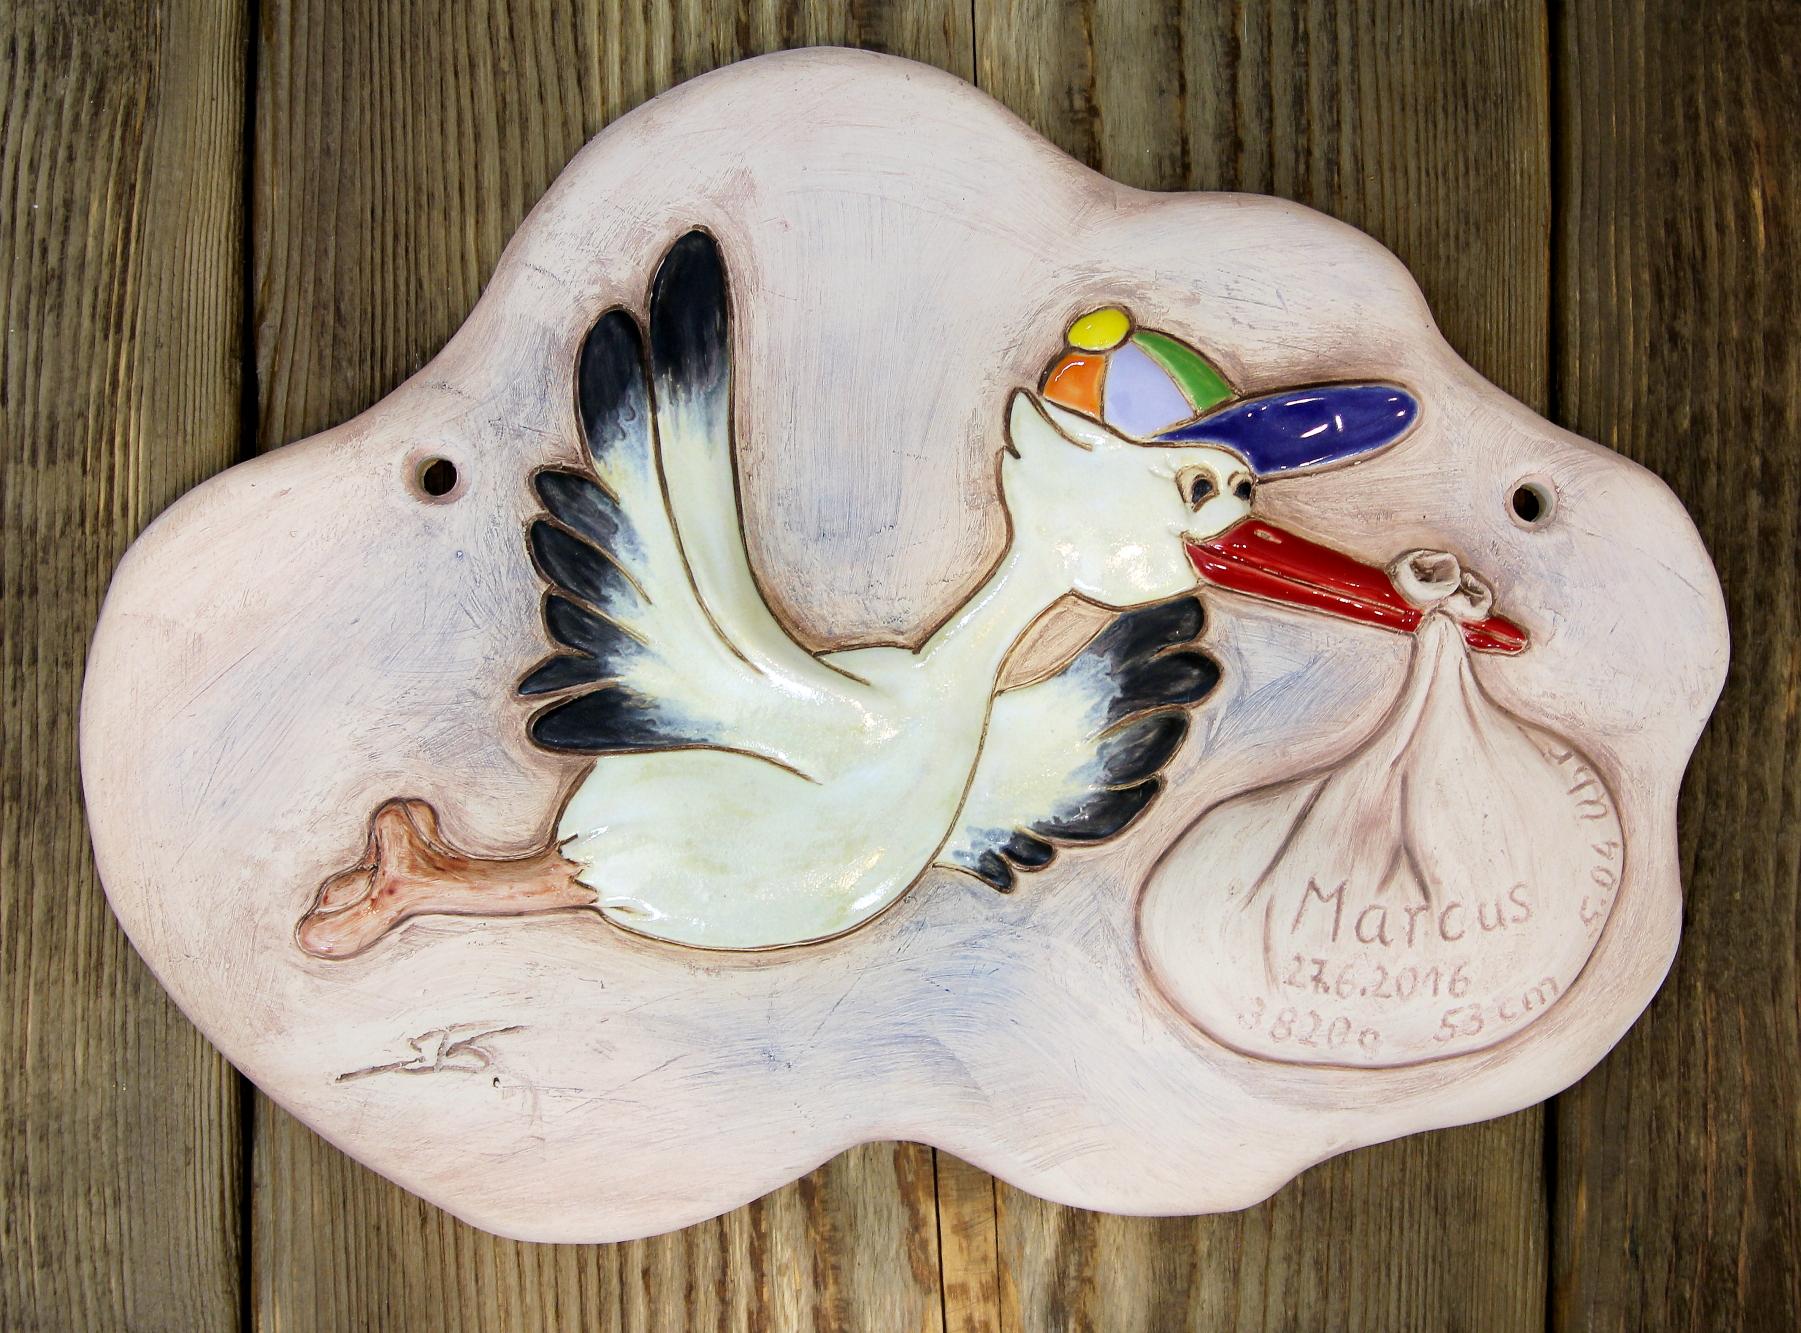 Namensschild, Türschild, Schild personalisiert - aus Keramik